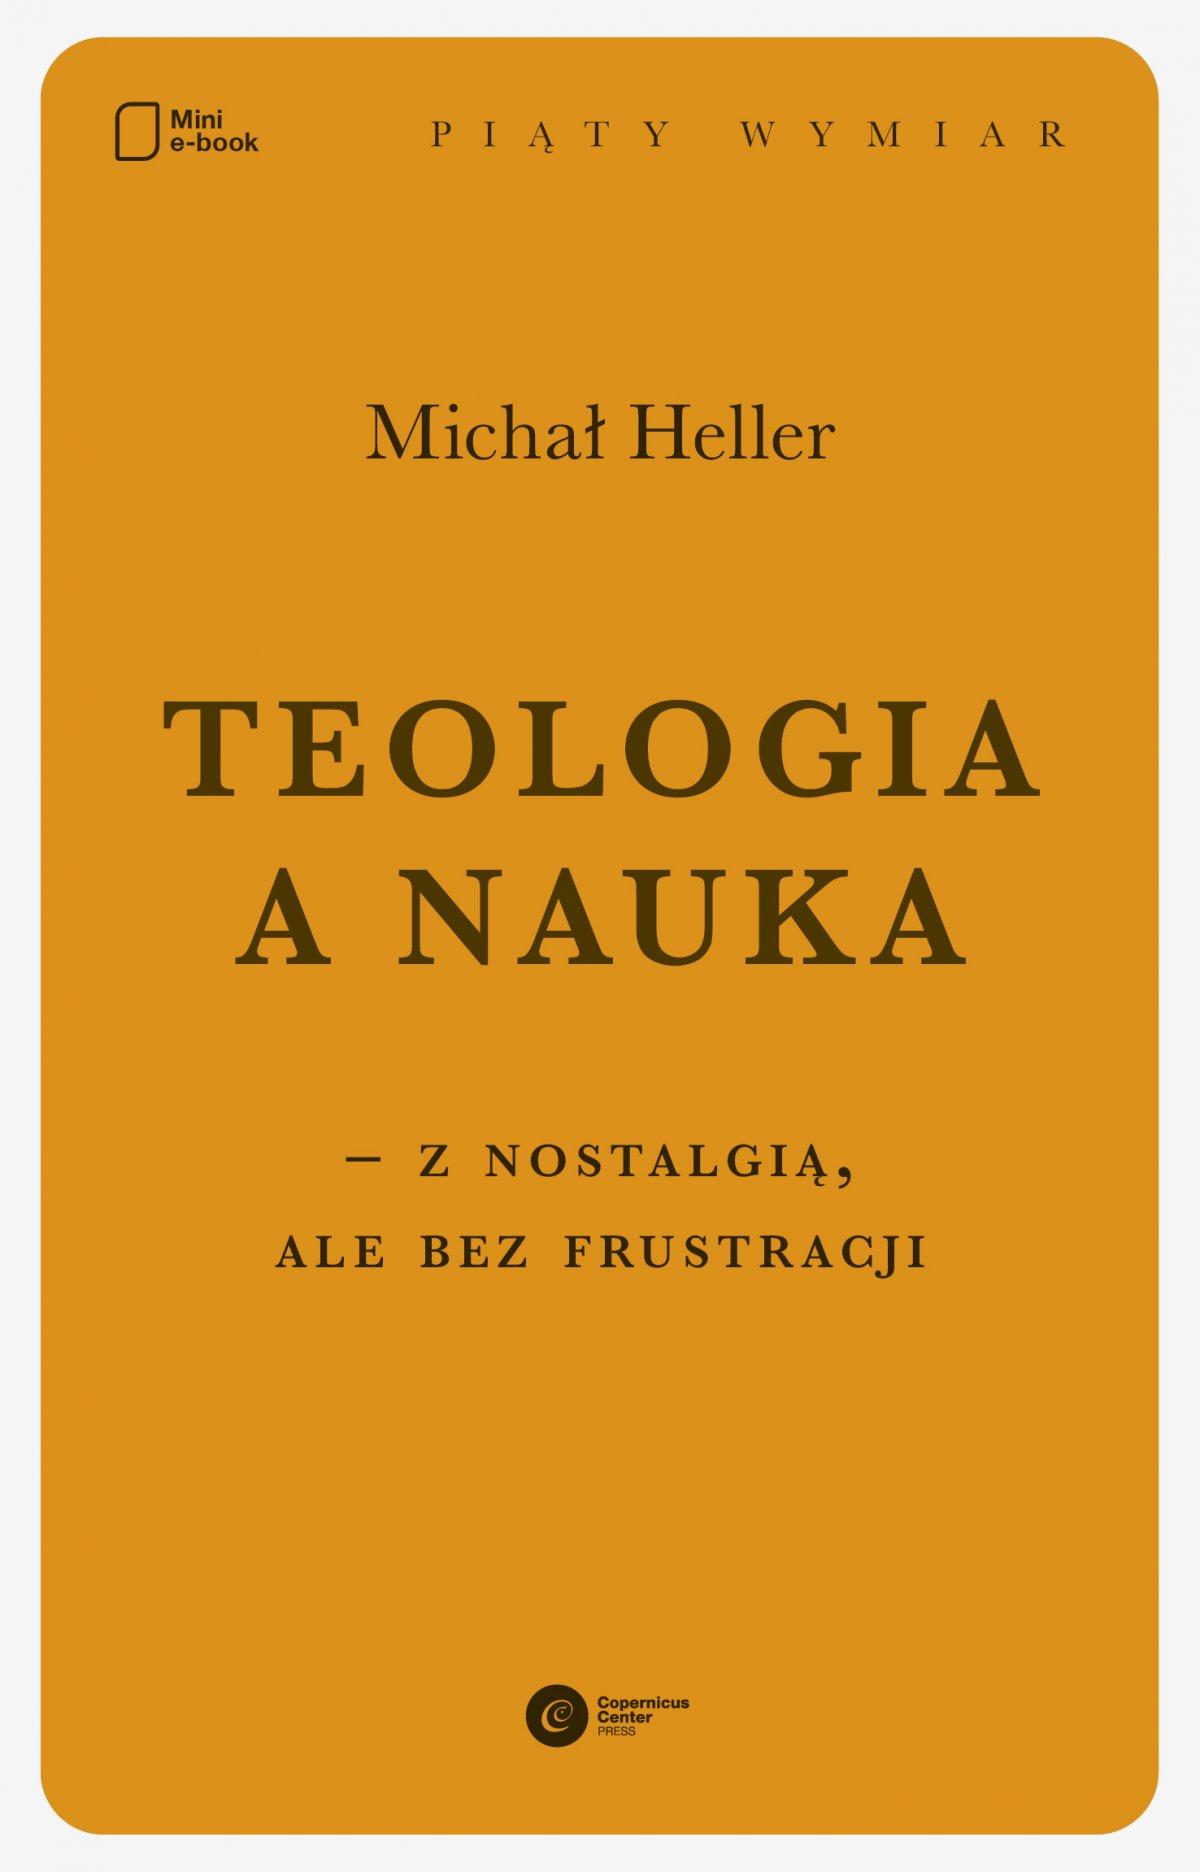 Teologia a nauka – z nostalgią ale bez frustracji - Ebook (Książka na Kindle) do pobrania w formacie MOBI